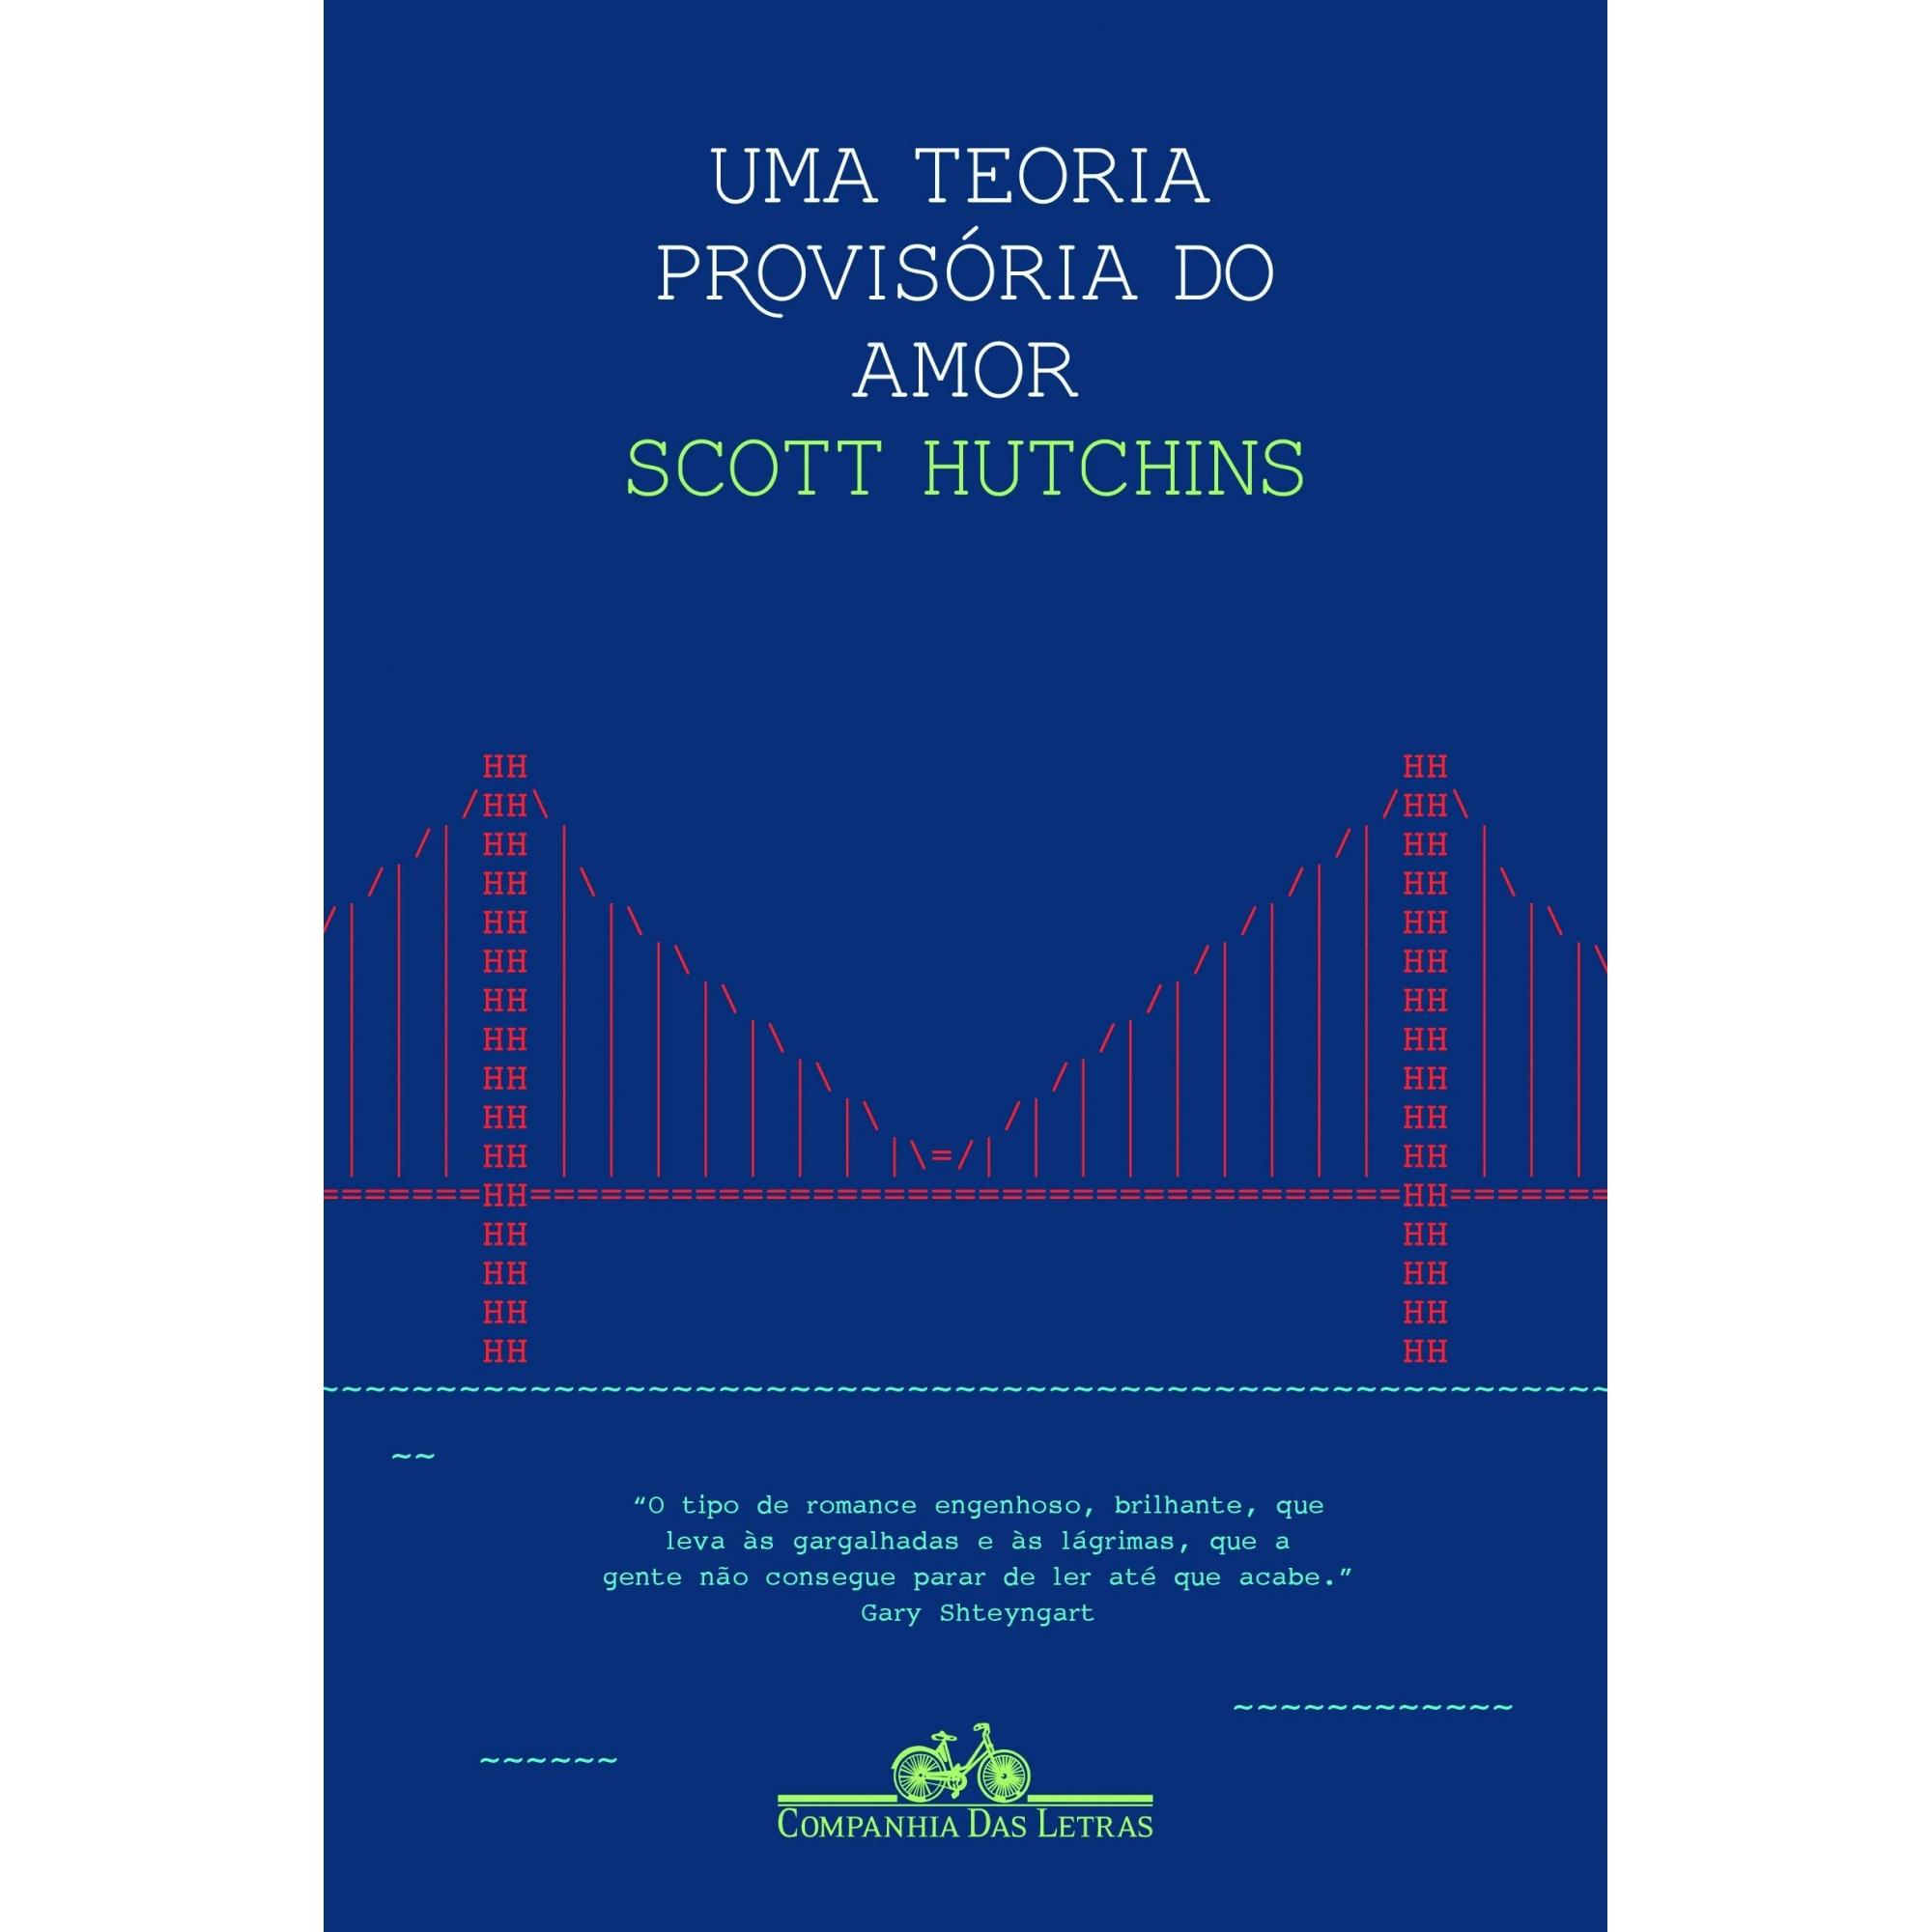 UMA TEORIA PROVISORIA DO AMOR